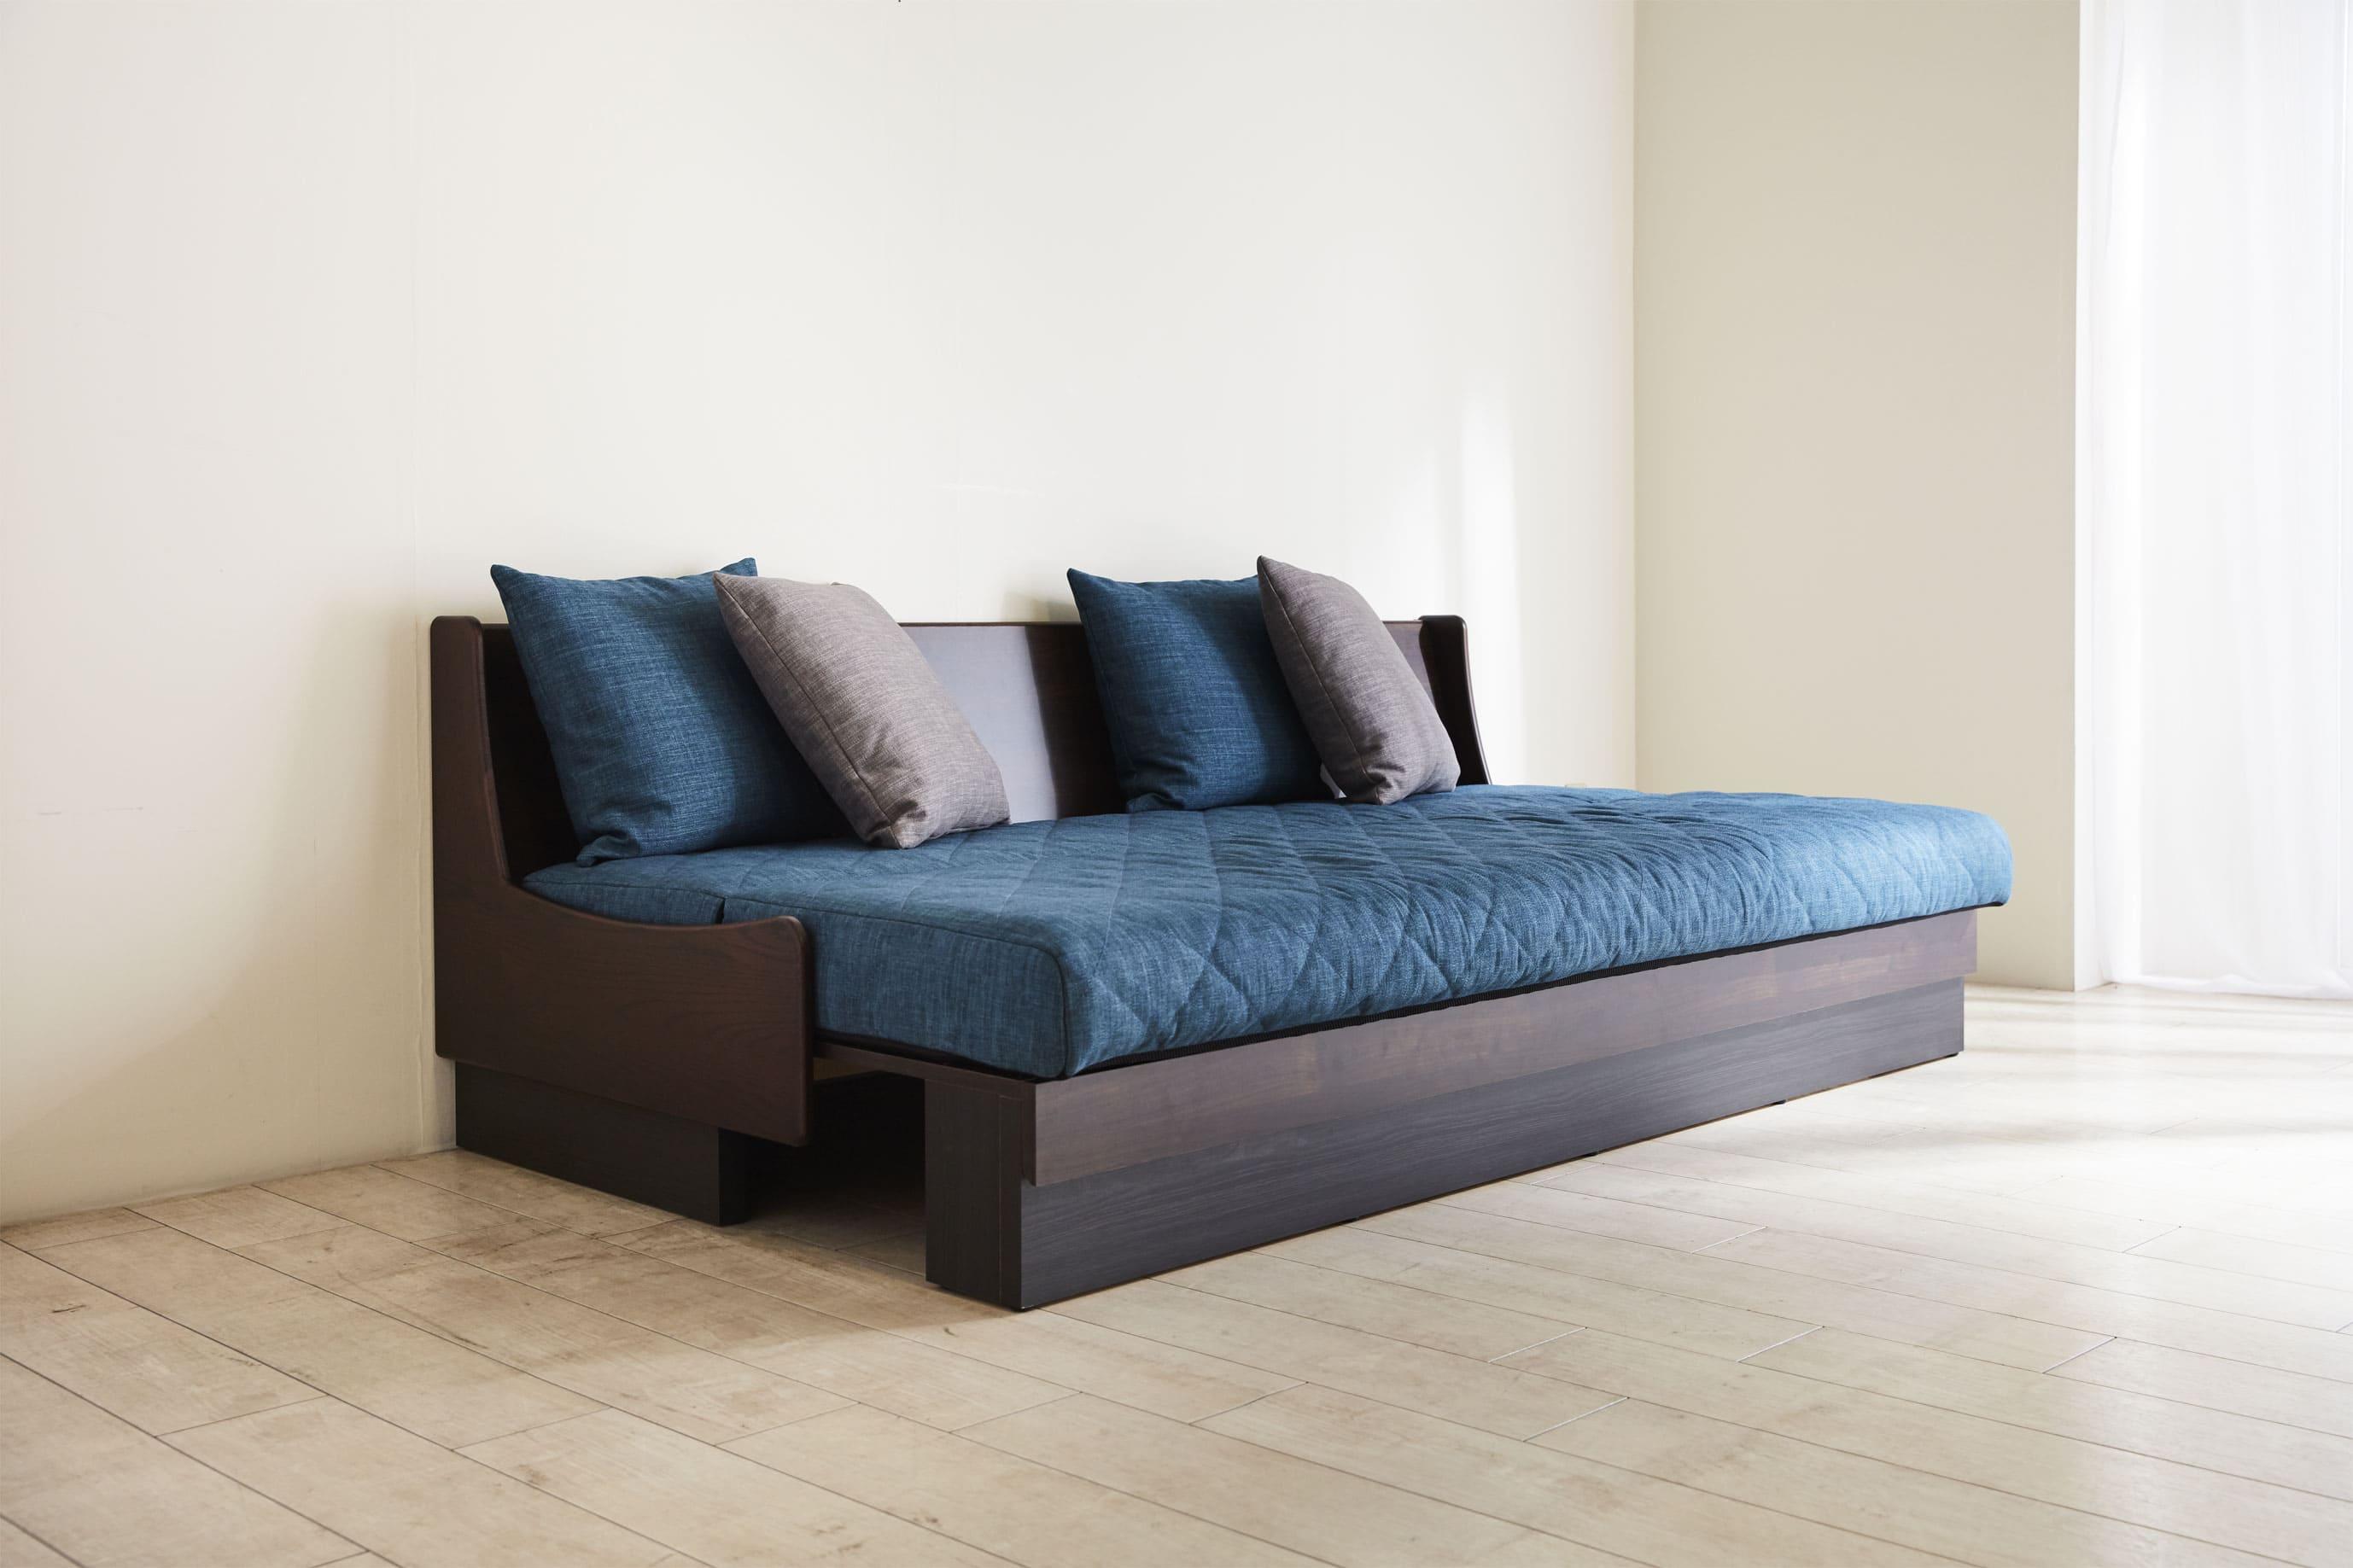 ソファベッド ドロシー 200 フレーム:BR/ファブリック:ブルー:《みんなでごろごろしてほしい「ごろ寝ソファー:ドロシー」》